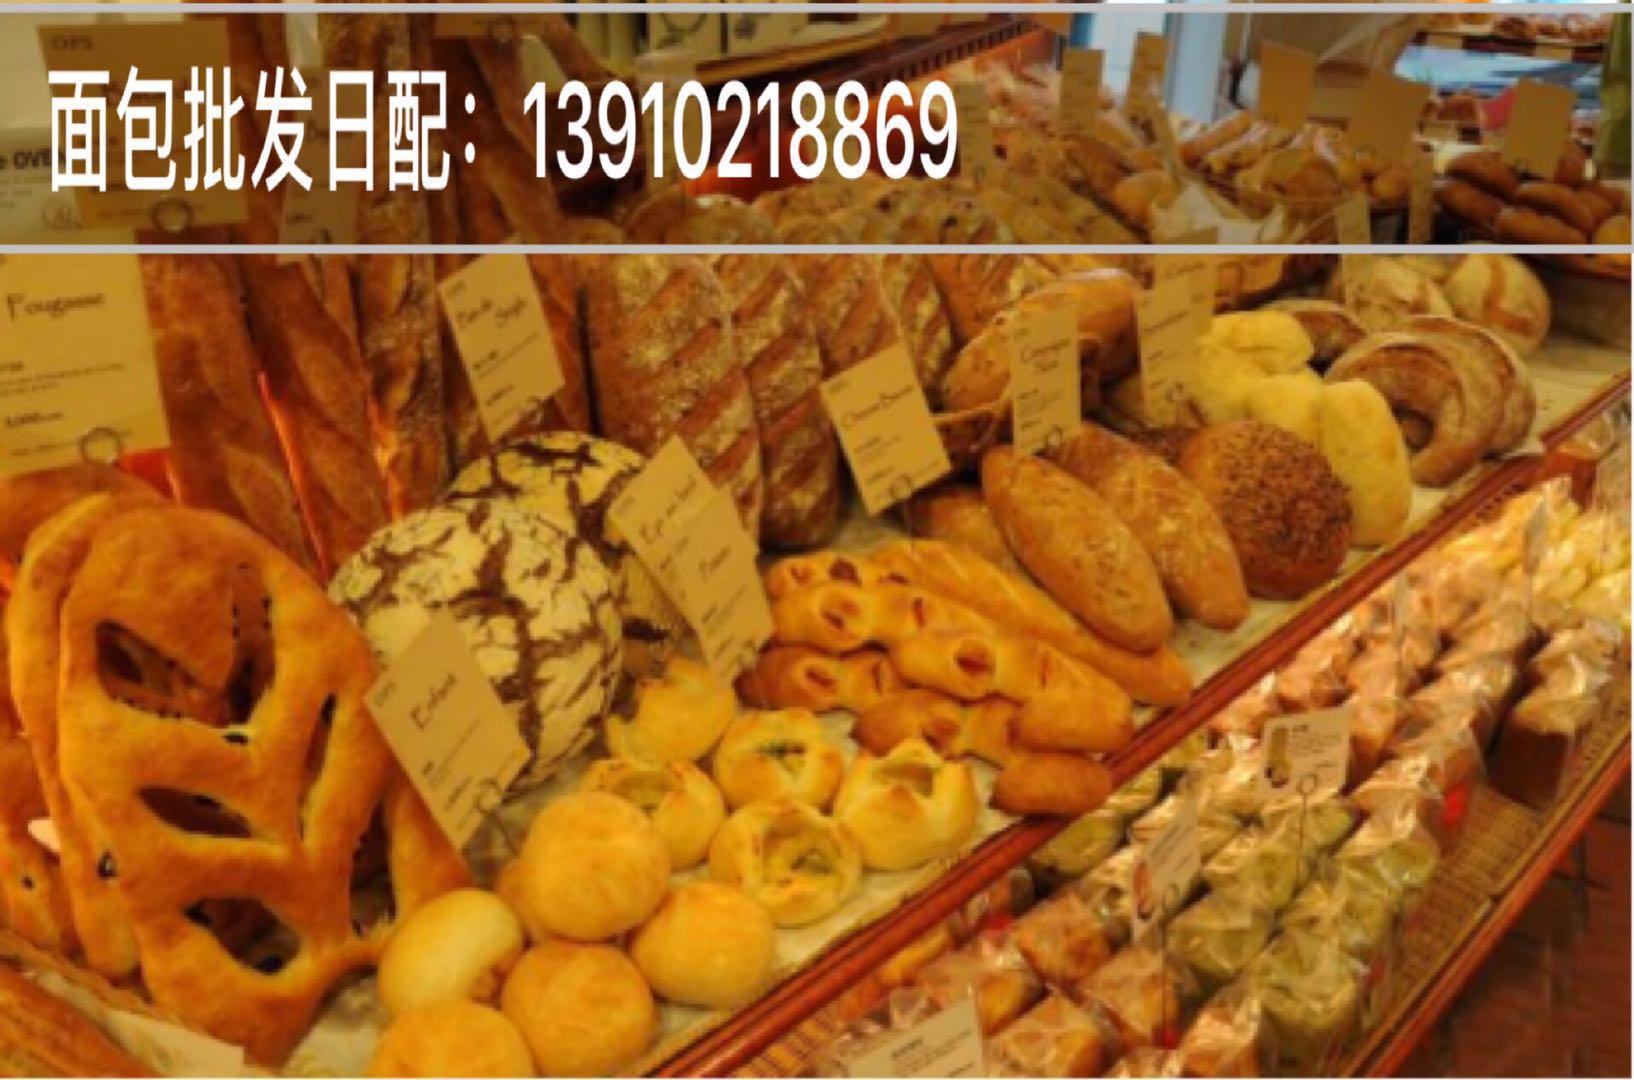 上海新鲜面包批发配送-上海生鲜超市面包配送-杭州面包每日配送厂家